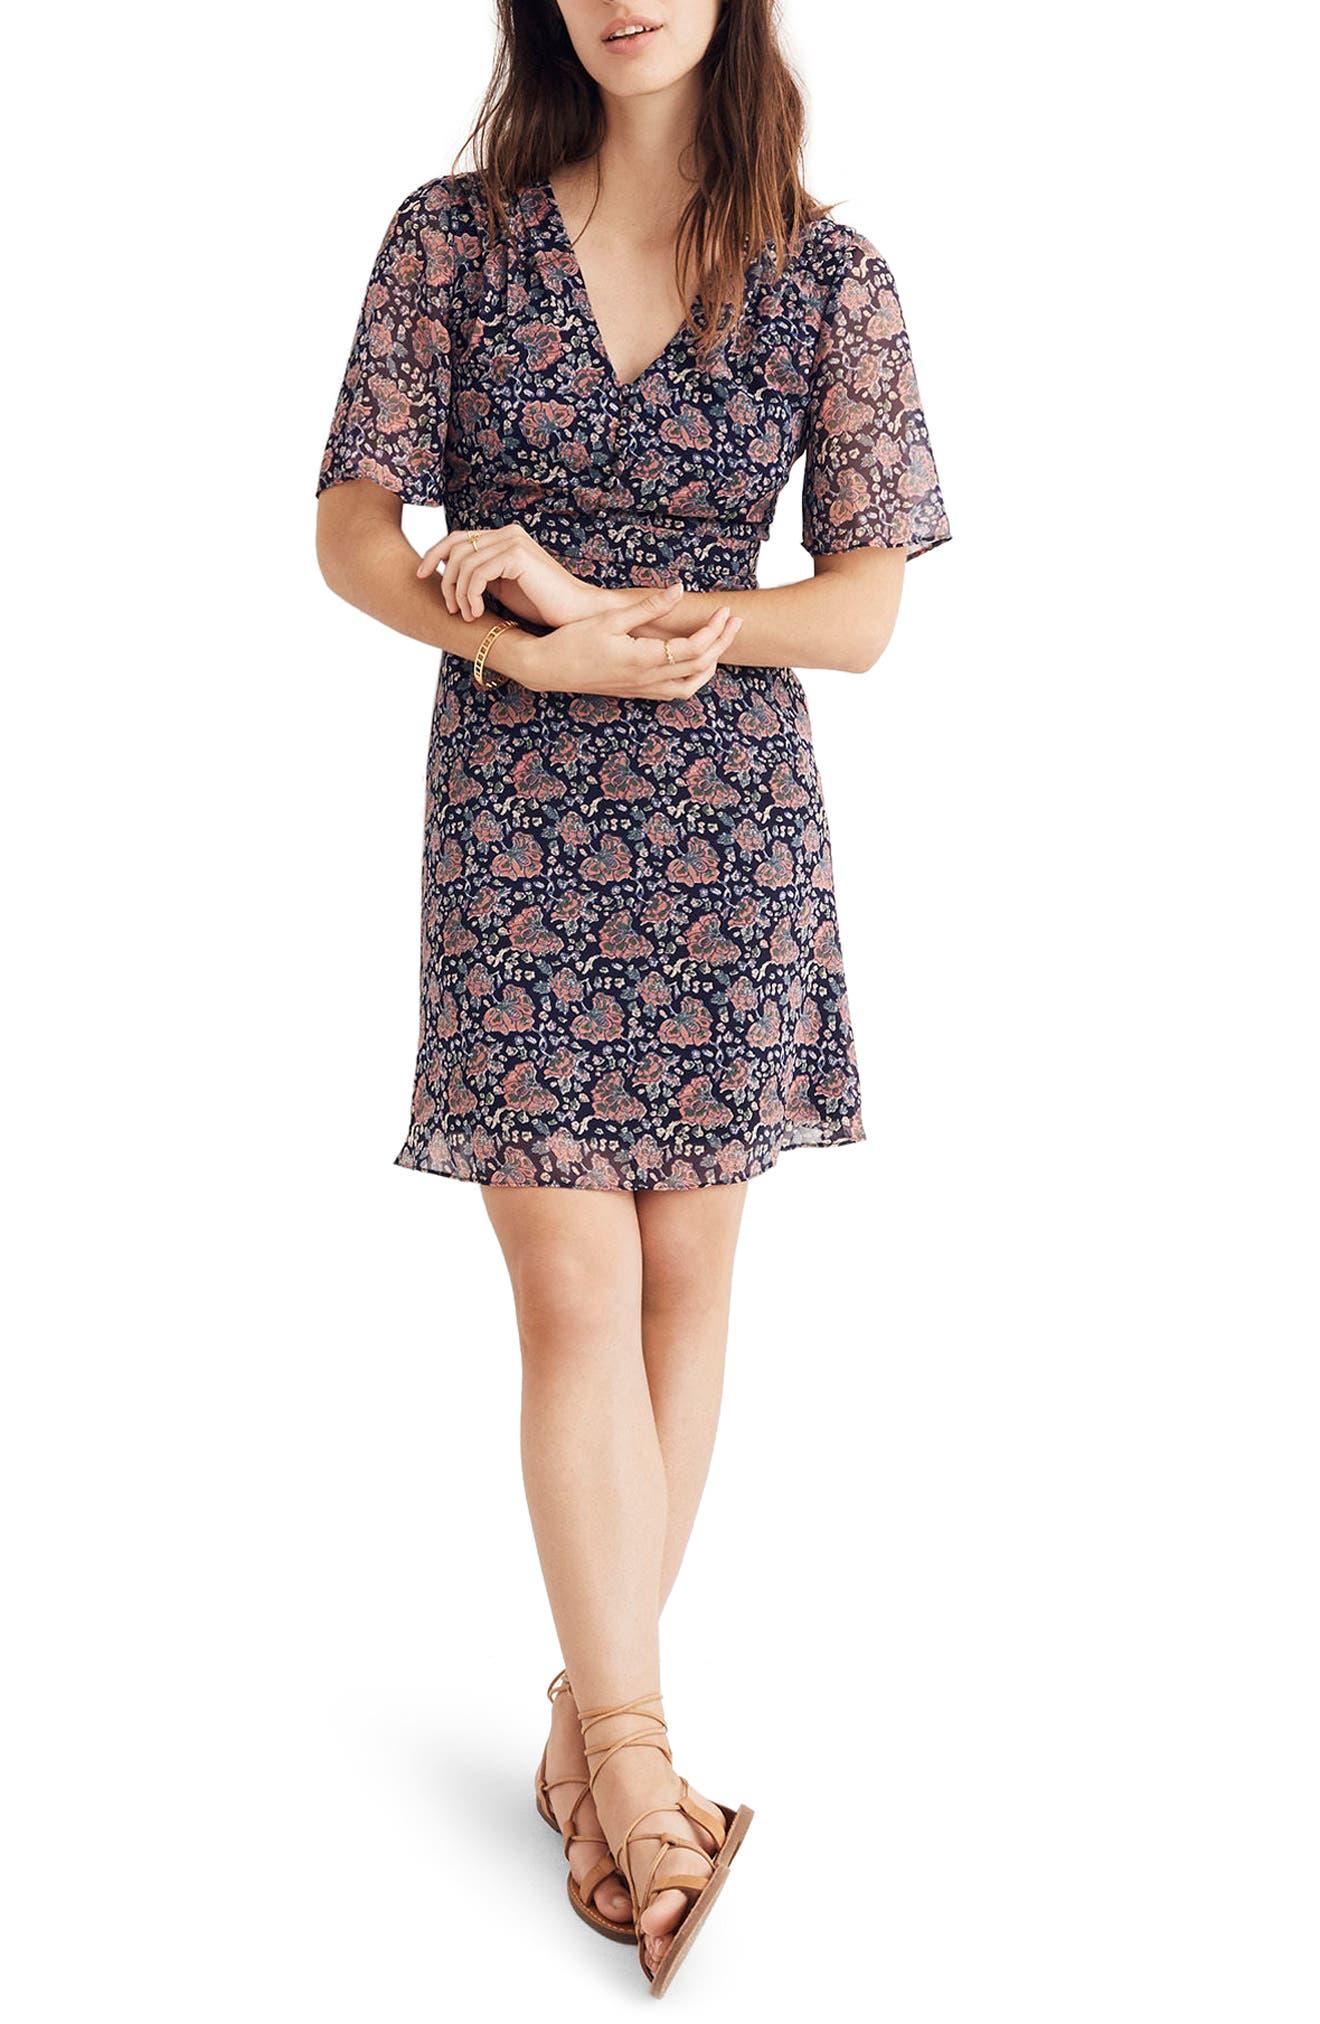 Orchard Flutter Sleeve Dress,                         Main,                         color, Block Print Floral